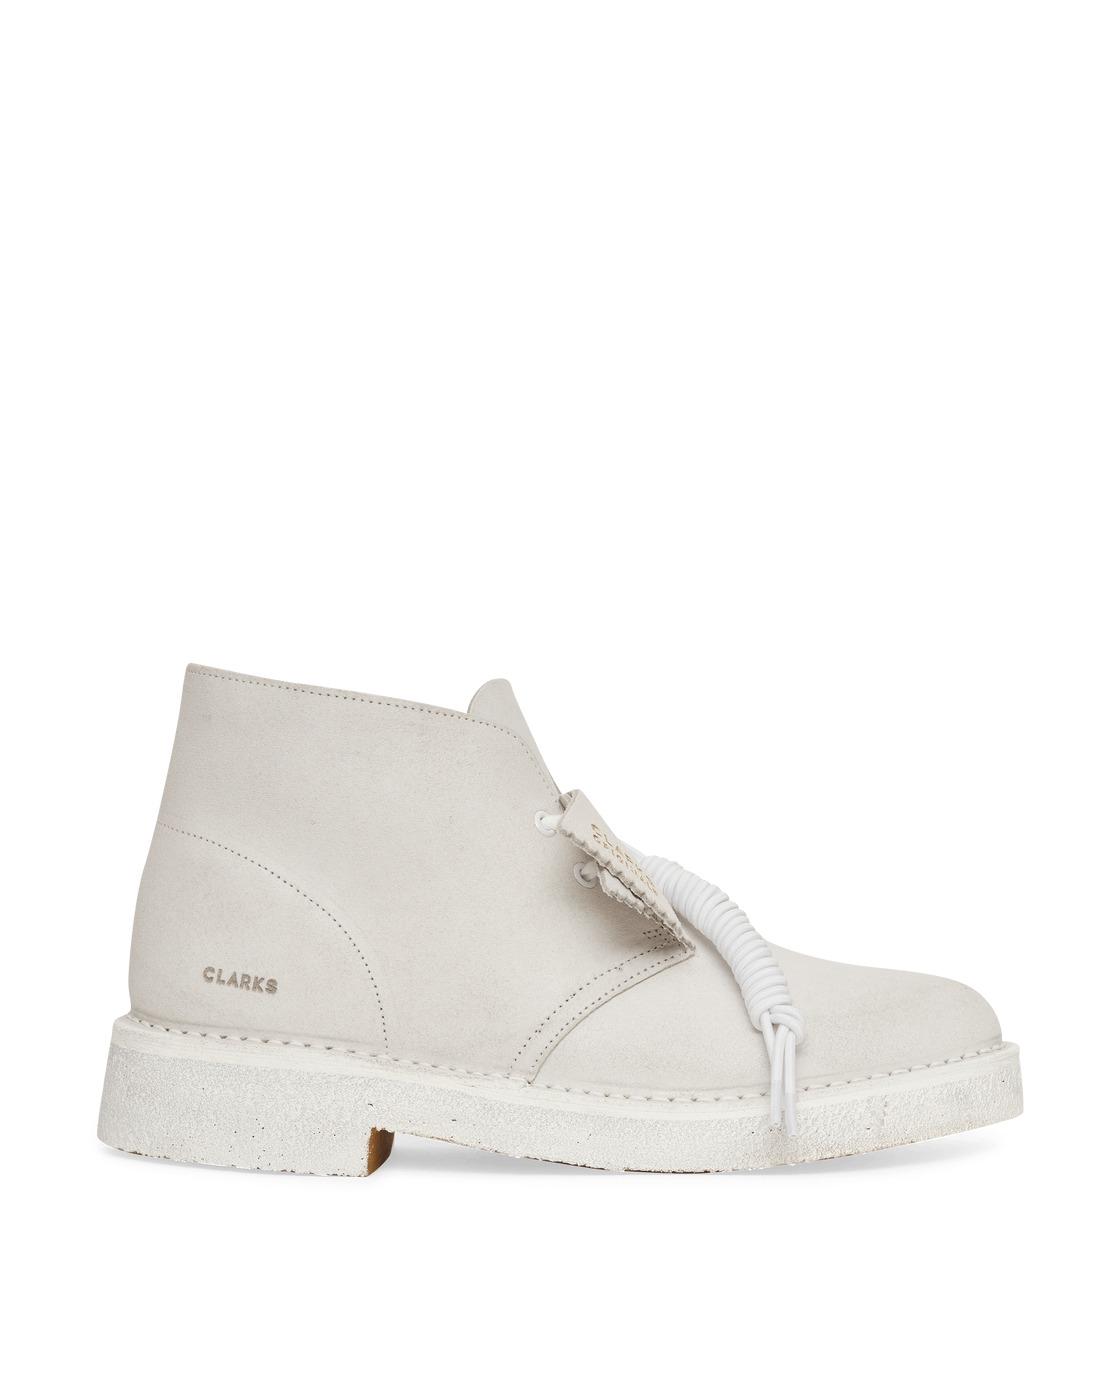 Photo: Clarks Originals Desert 221 Boots White/White